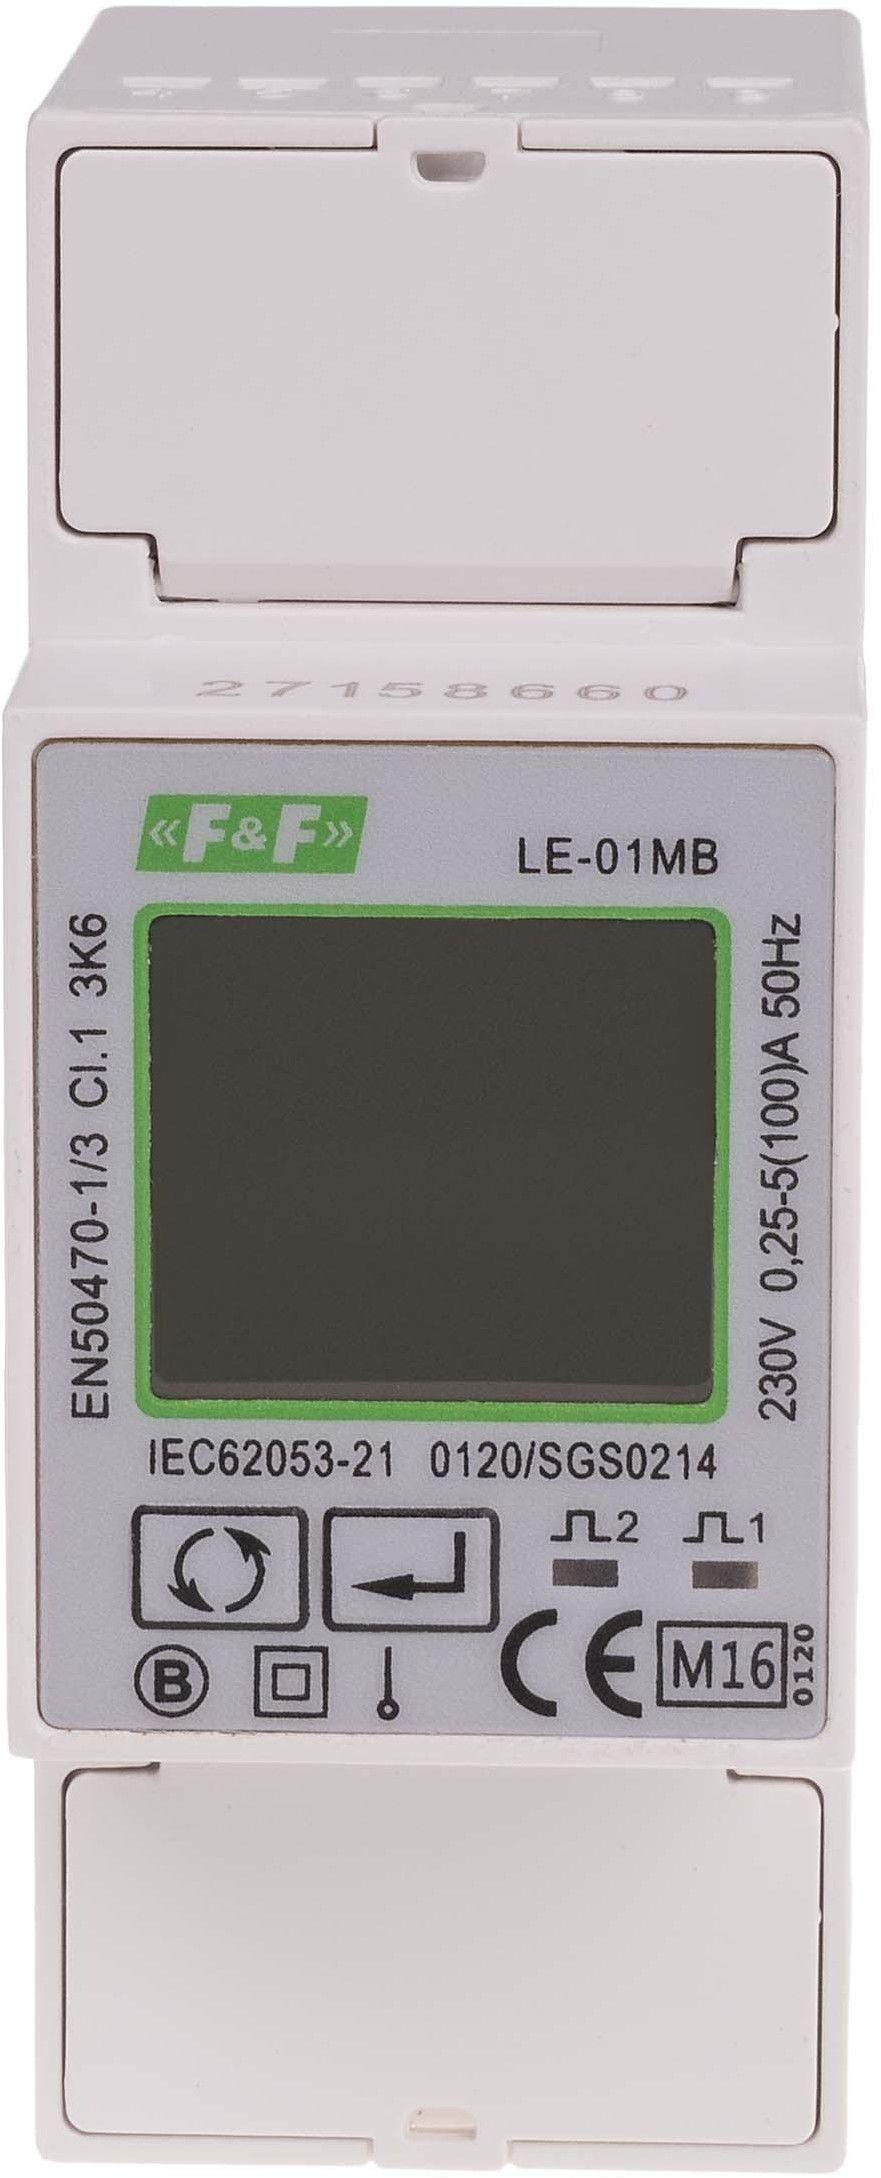 Jednofazowy licznik zużycia energii LE-01MB